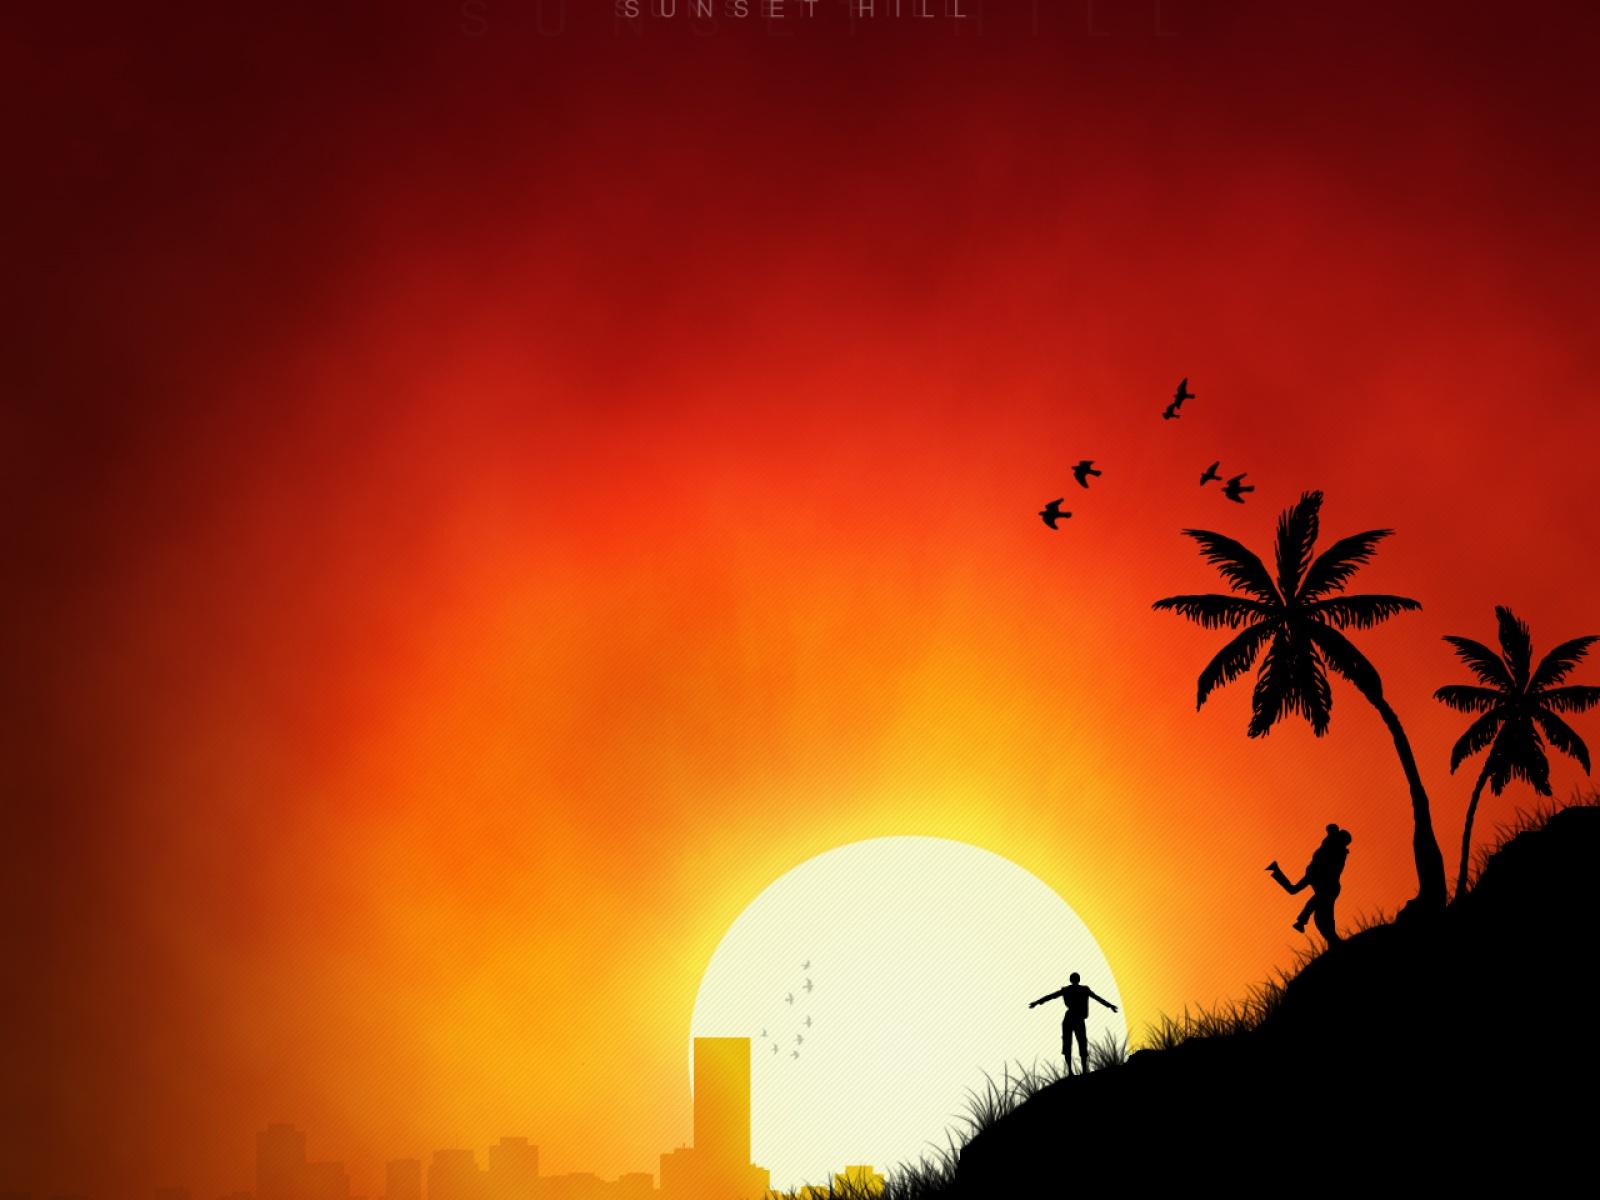 Fond d 39 ecran sun rise wallpaper for Ecran photo sun